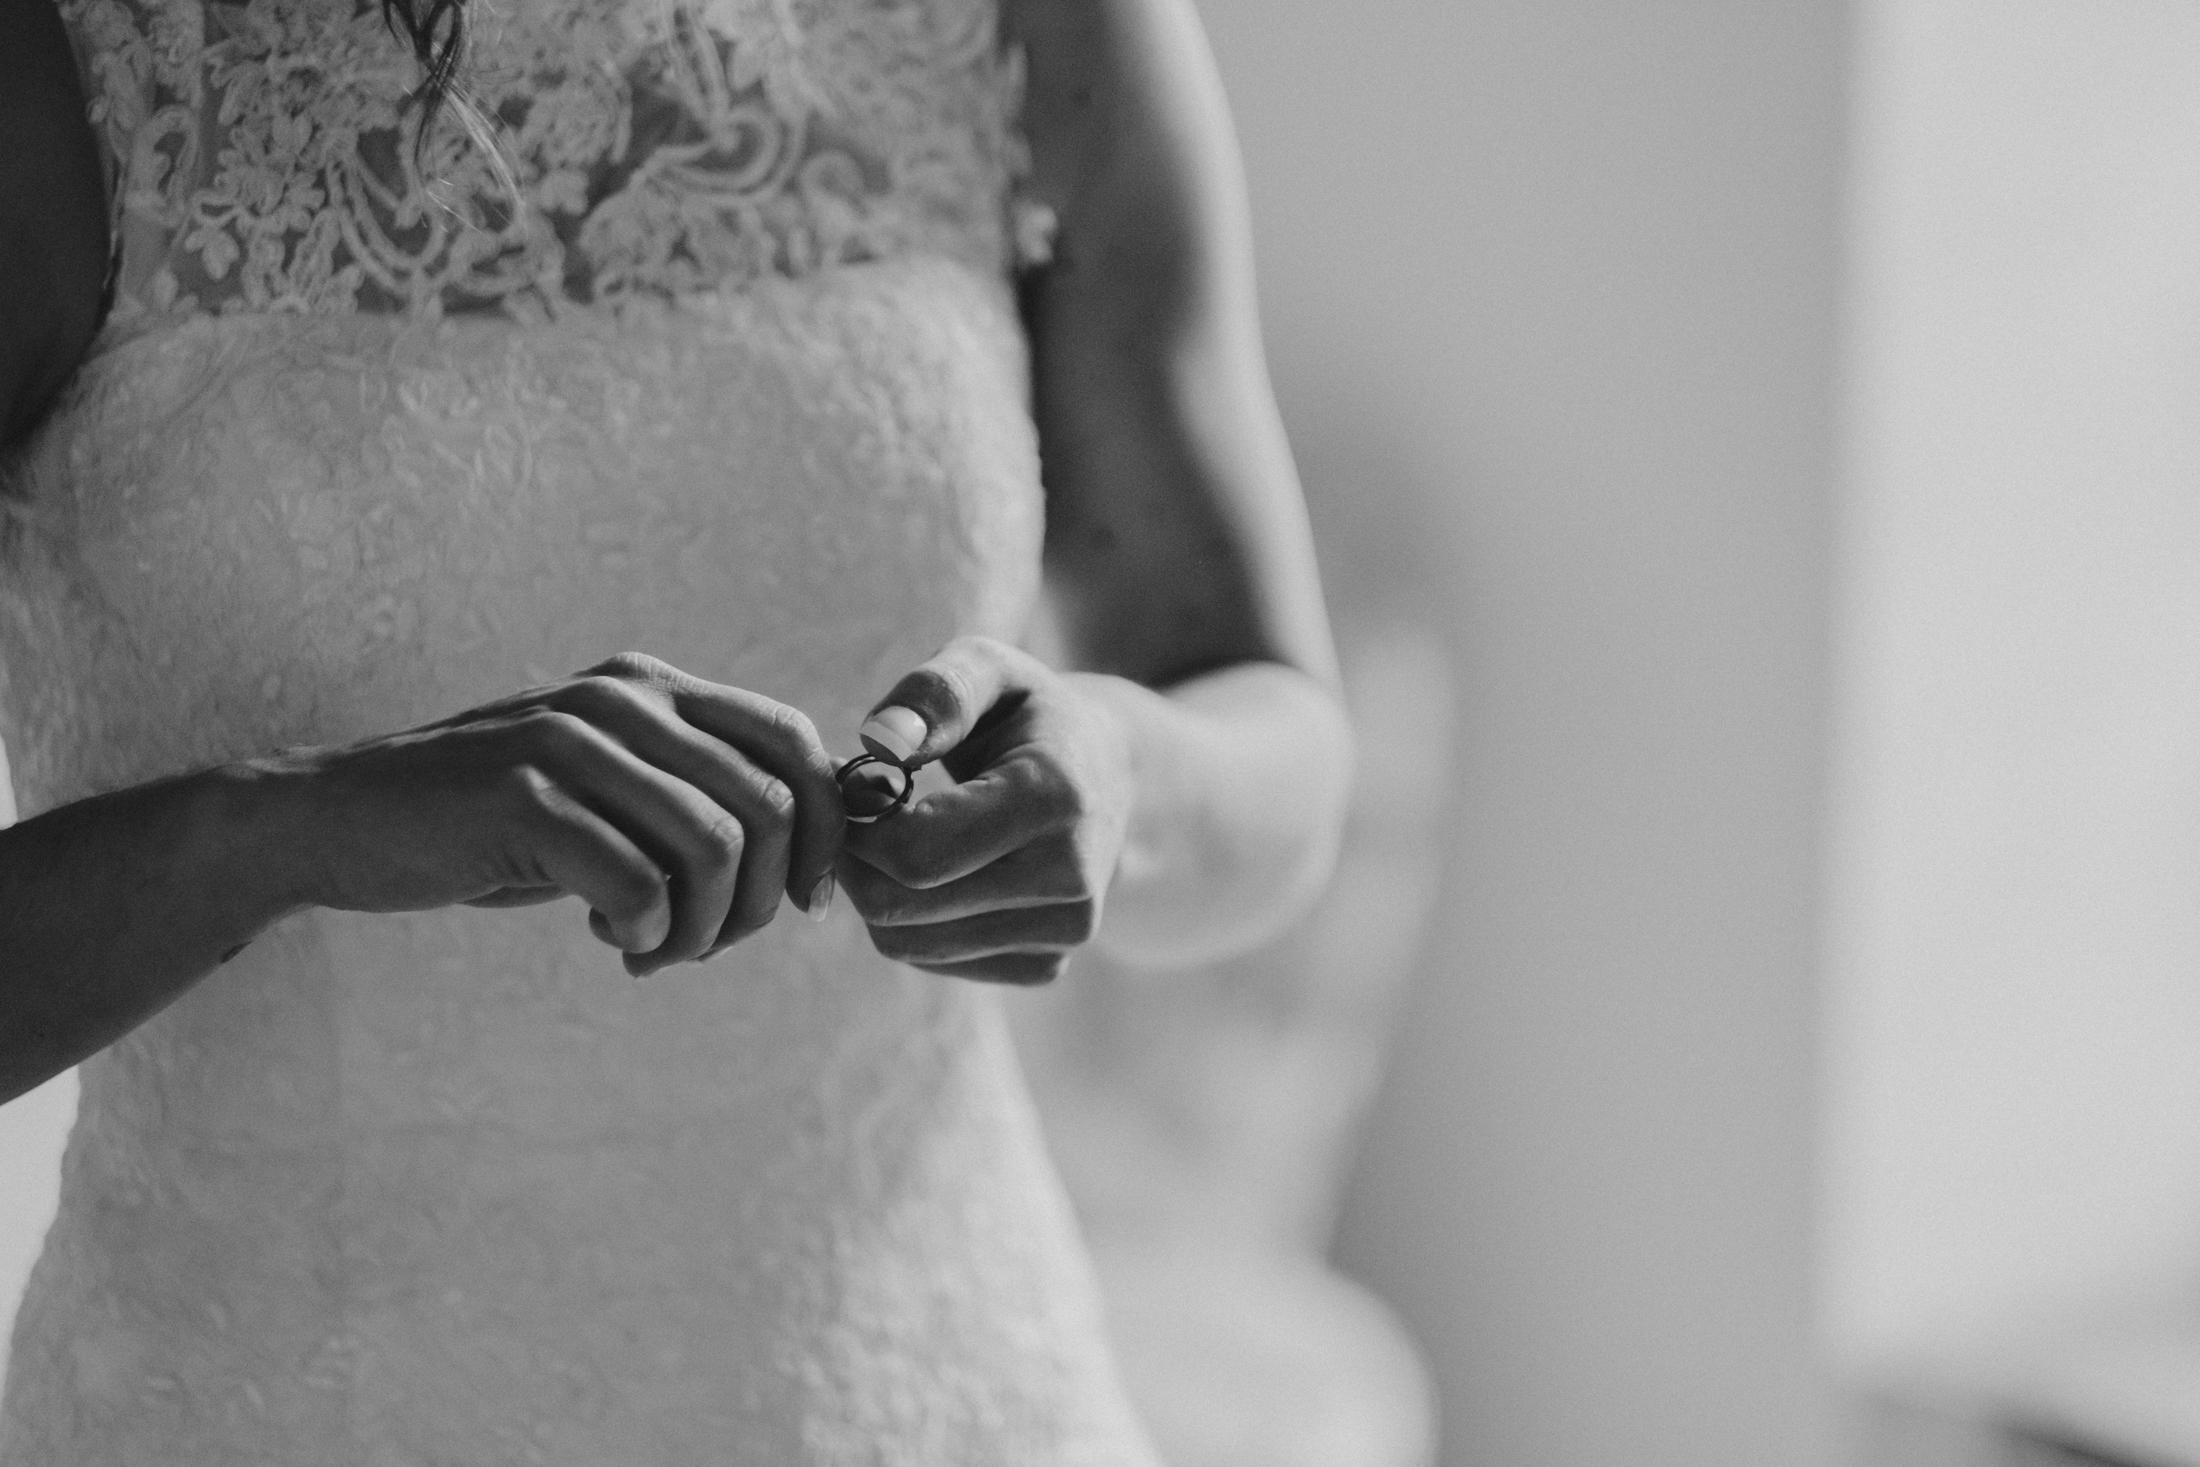 bröllopsfoto-fotograf-max-norin-4.jpg